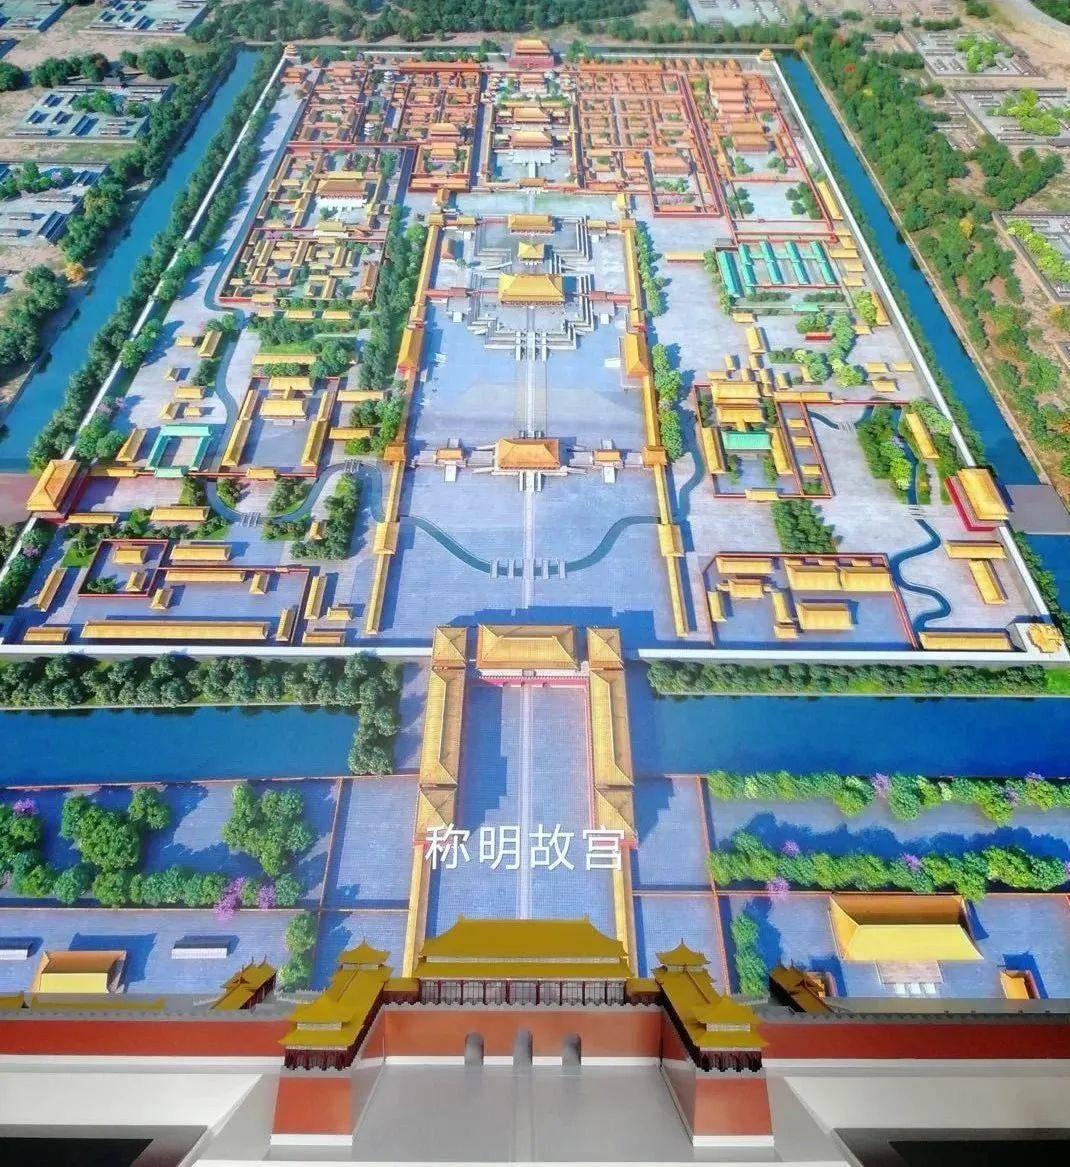 展览现场视频介绍截图。南报融媒体记者 王峰 摄